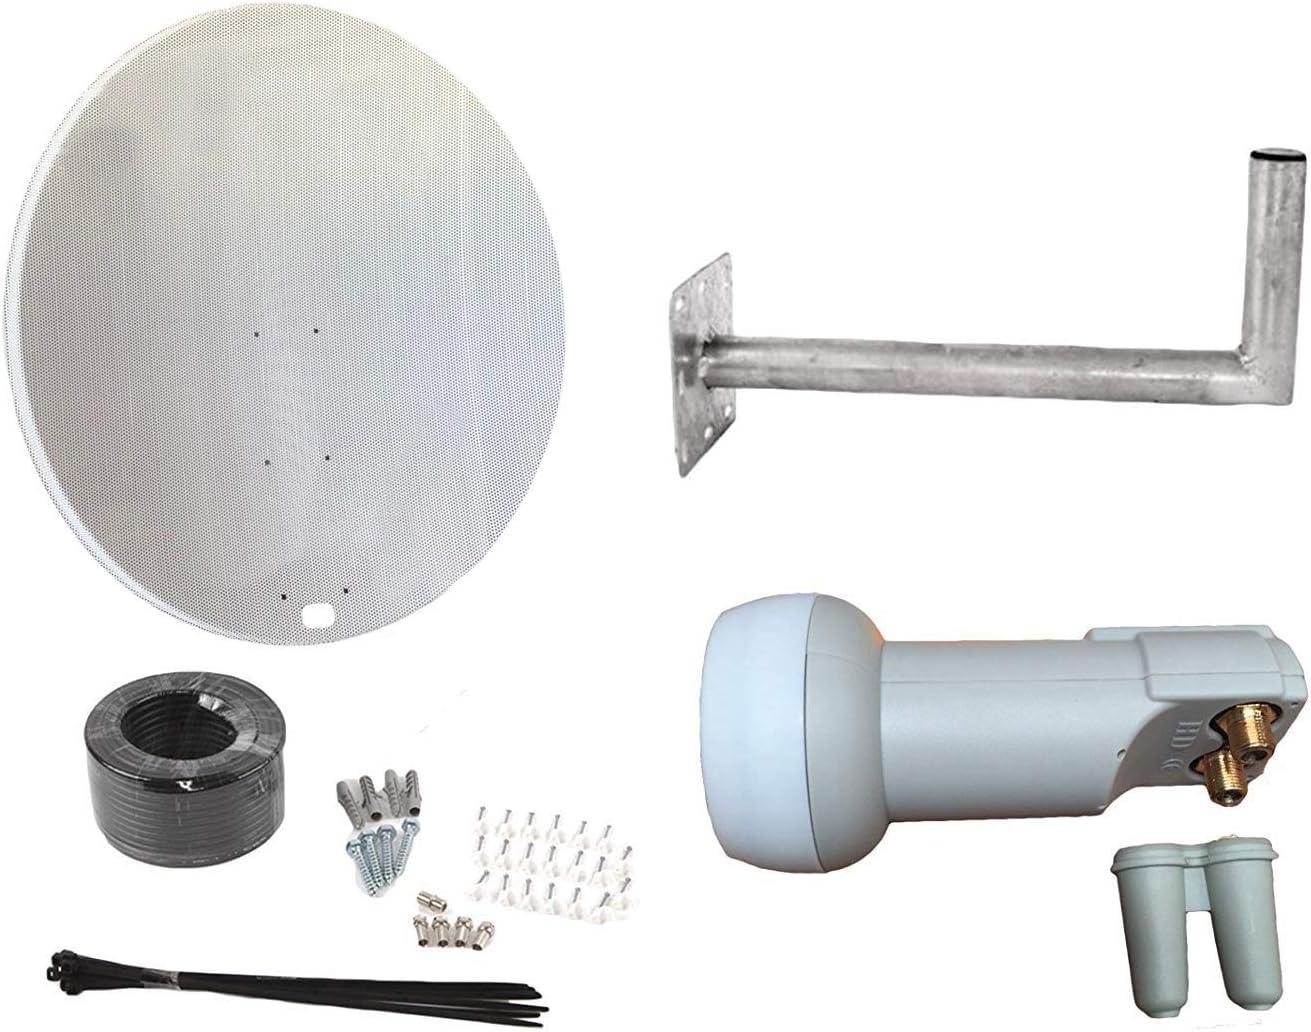 Plato de 120 cm con Montaje en Pared, Doble LNB y Kit de instalación